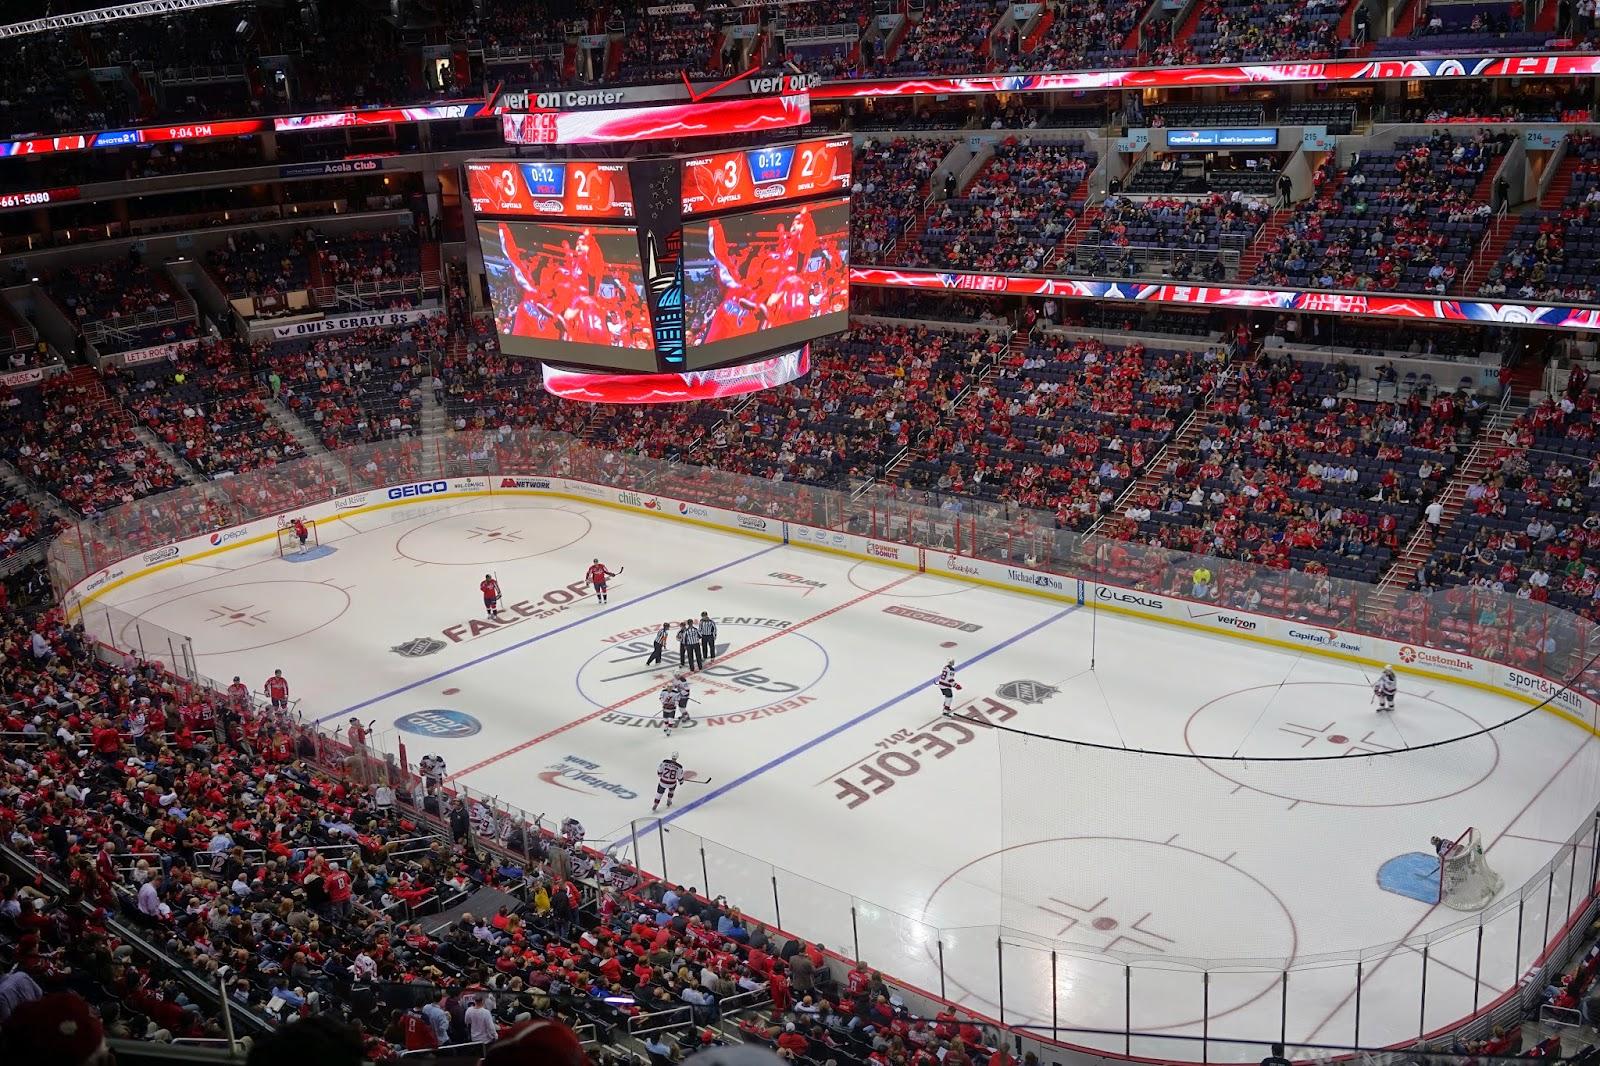 washington d.c capitals hockey